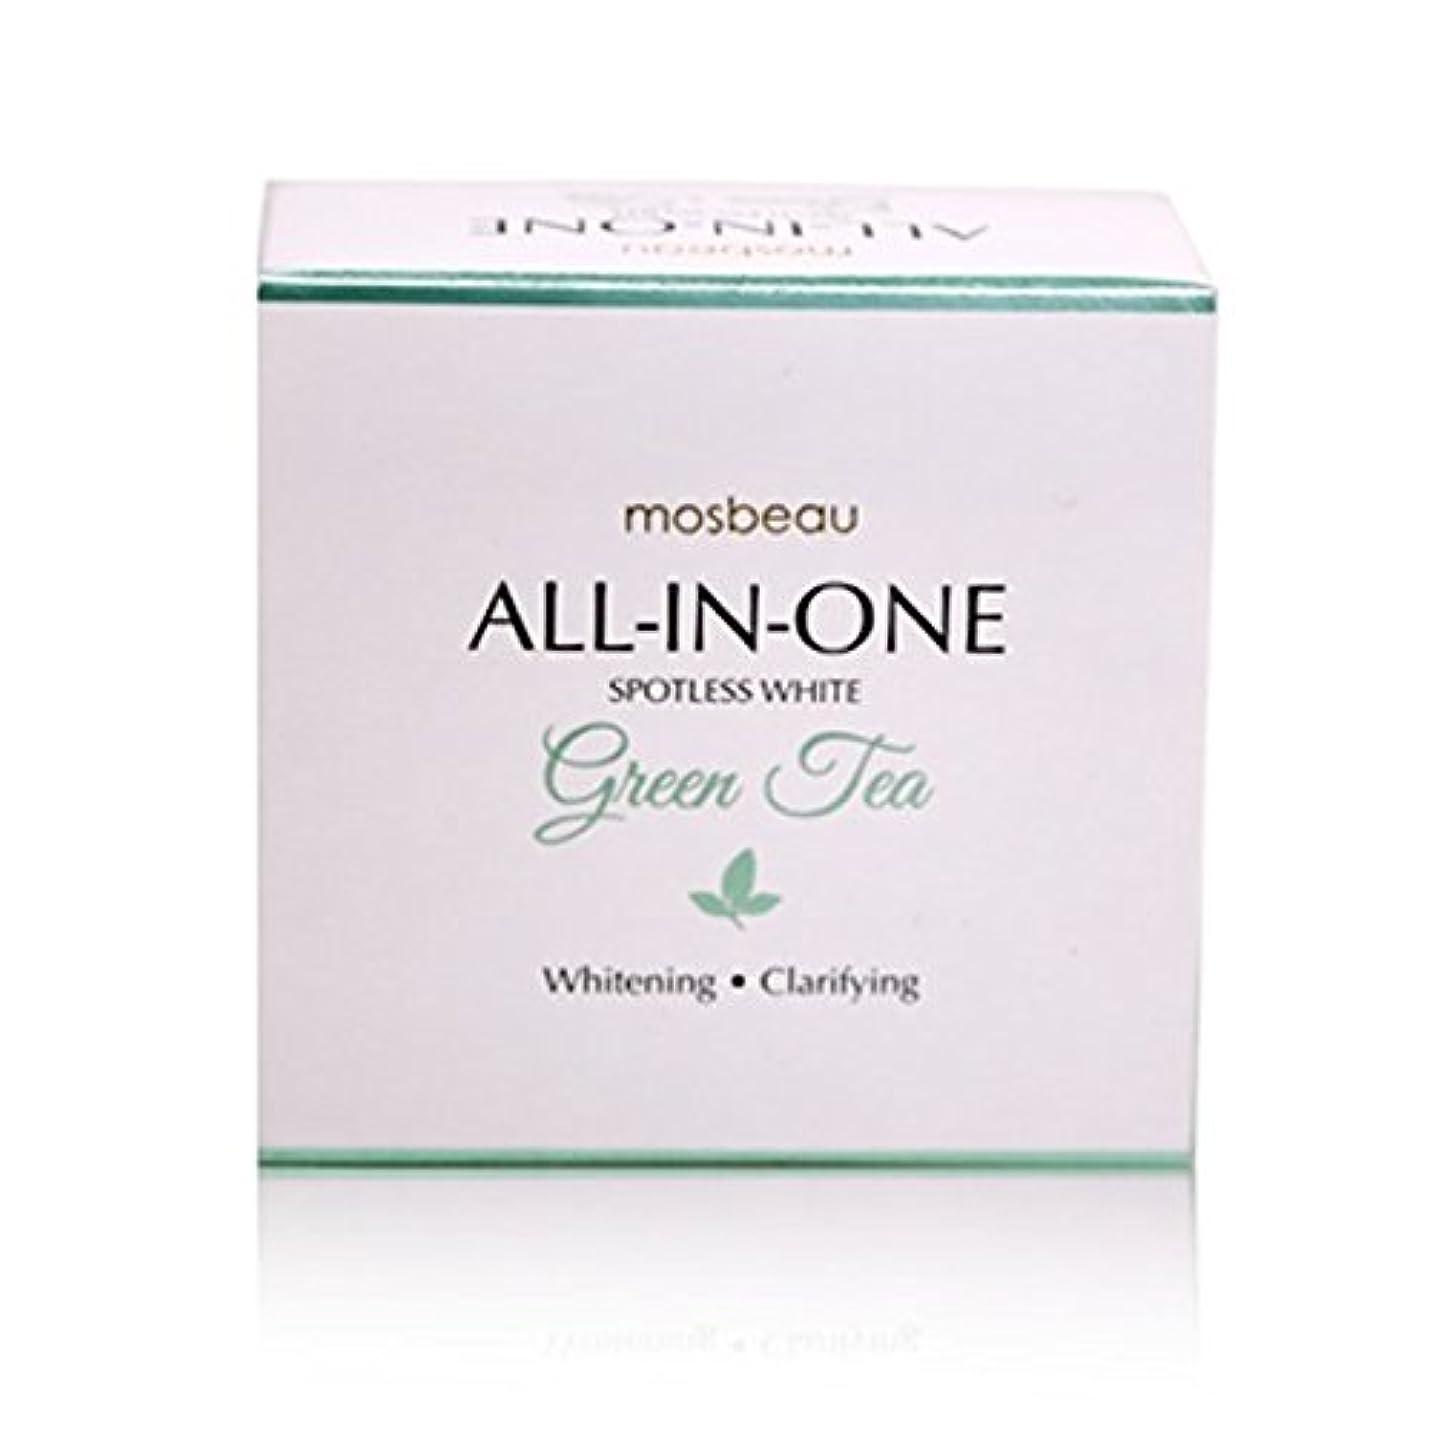 エコー同化範囲mosbeau Spotless White GREEN TEA Facial Soap 100g モスビュー スポットレス ホワイト グリーンティー フェイシャル ソープ